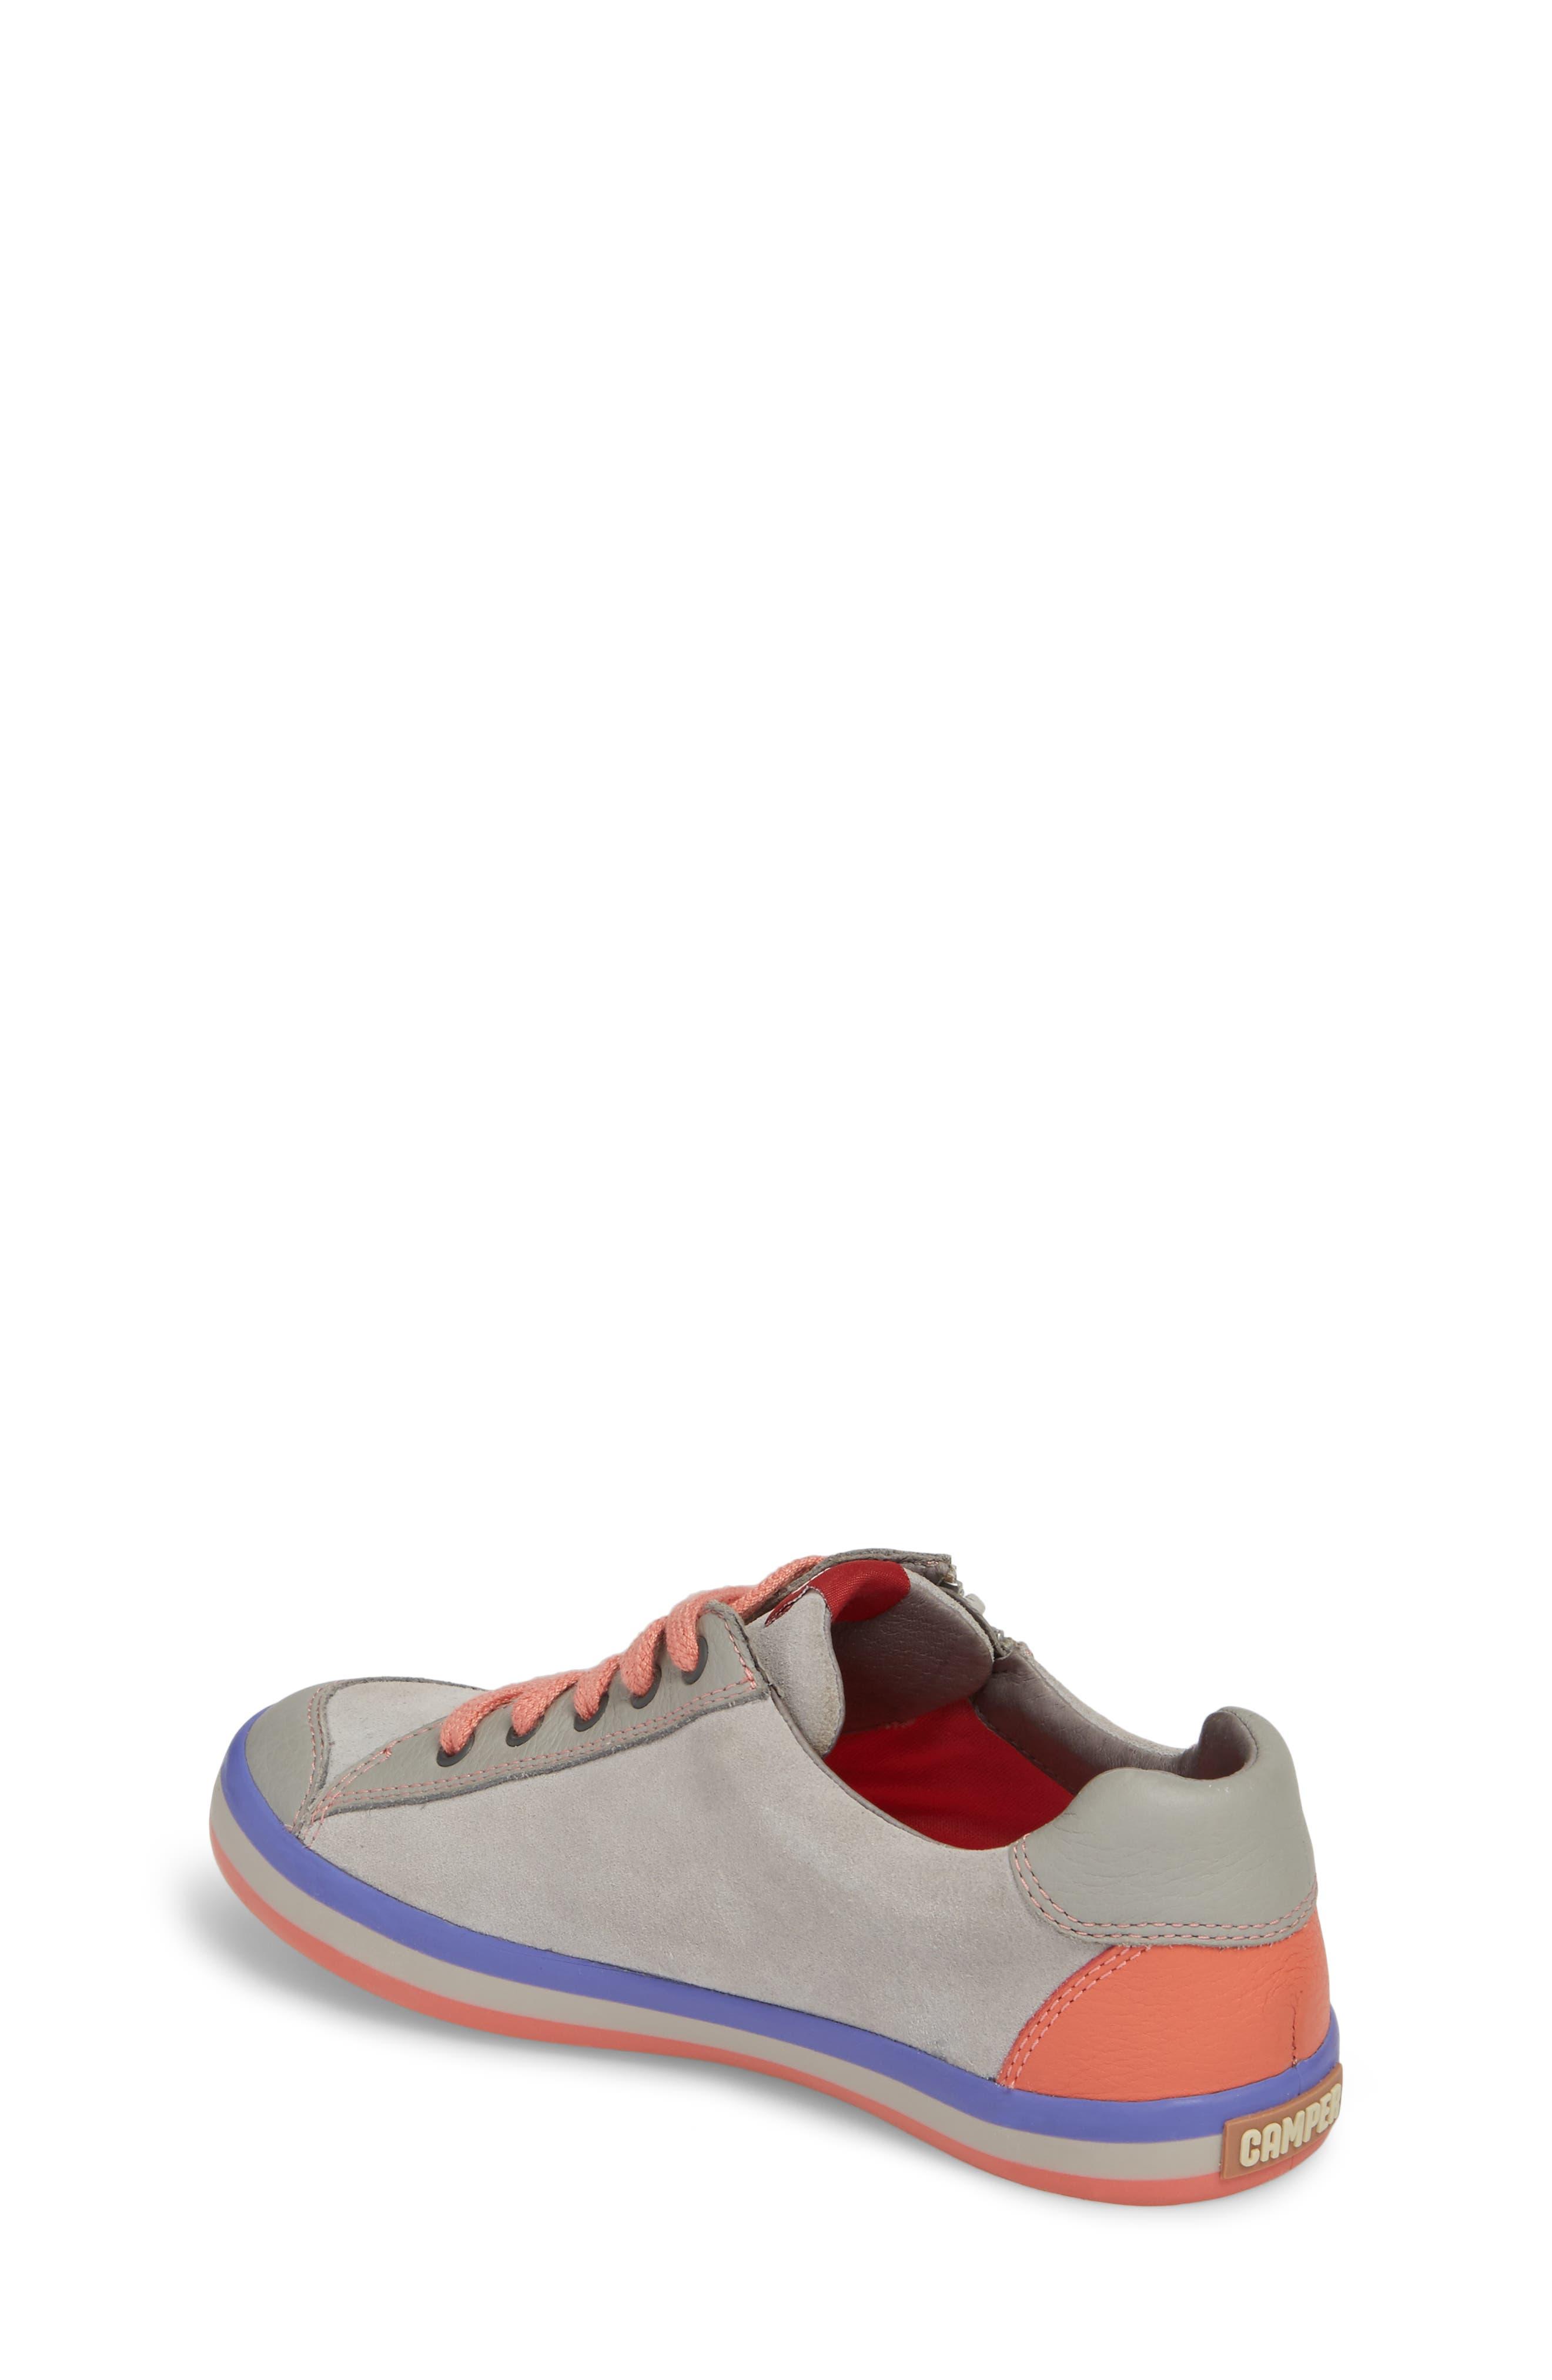 Pursuit Sneaker,                             Alternate thumbnail 2, color,                             Light Grey